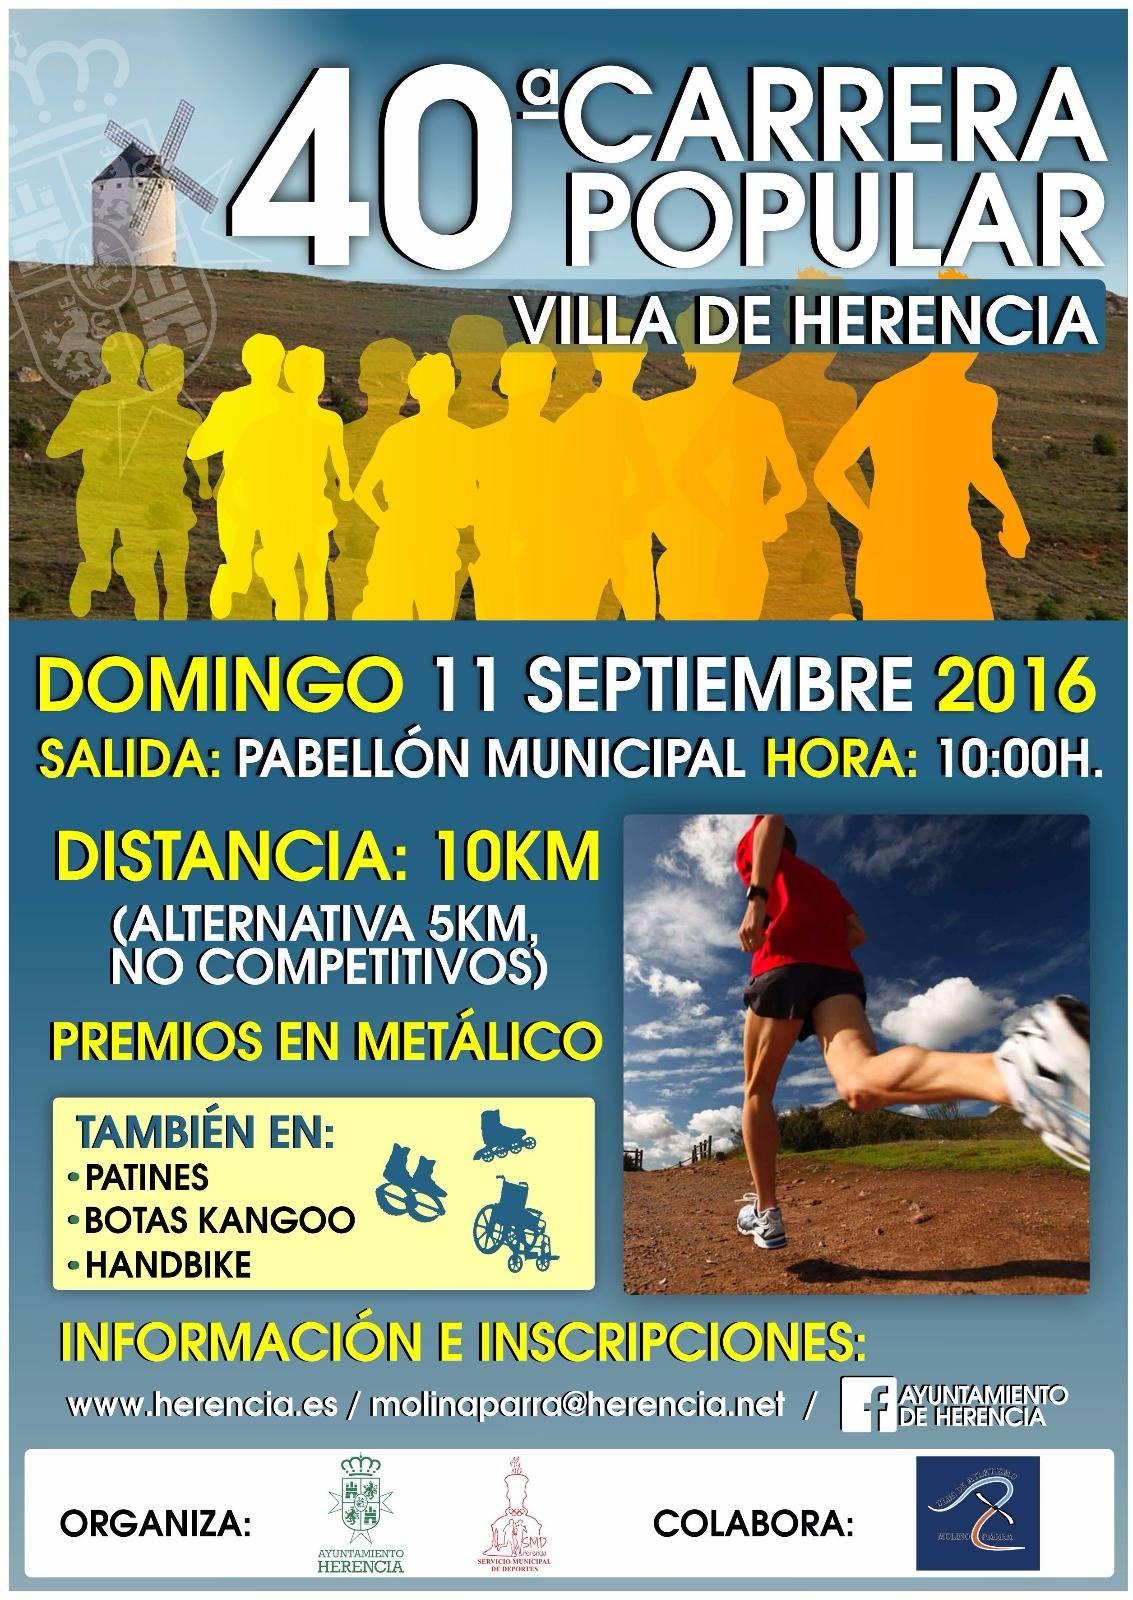 40 carrera popular villa de herencia ciudad real 2016